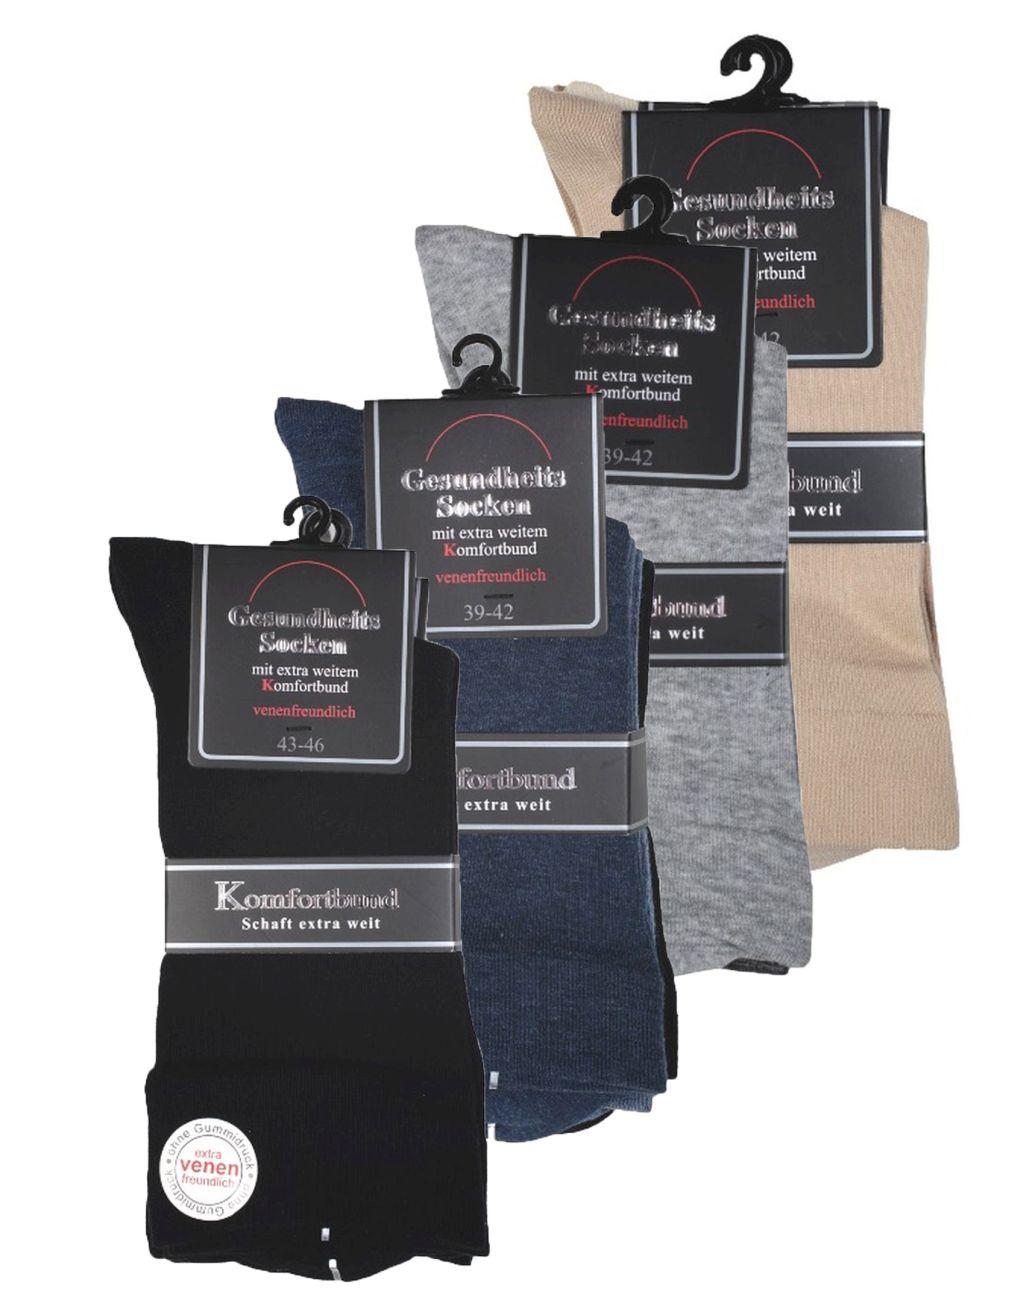 6 Paar Herren Socken Gesundheitssocken mit extra weitem Schaft 26900